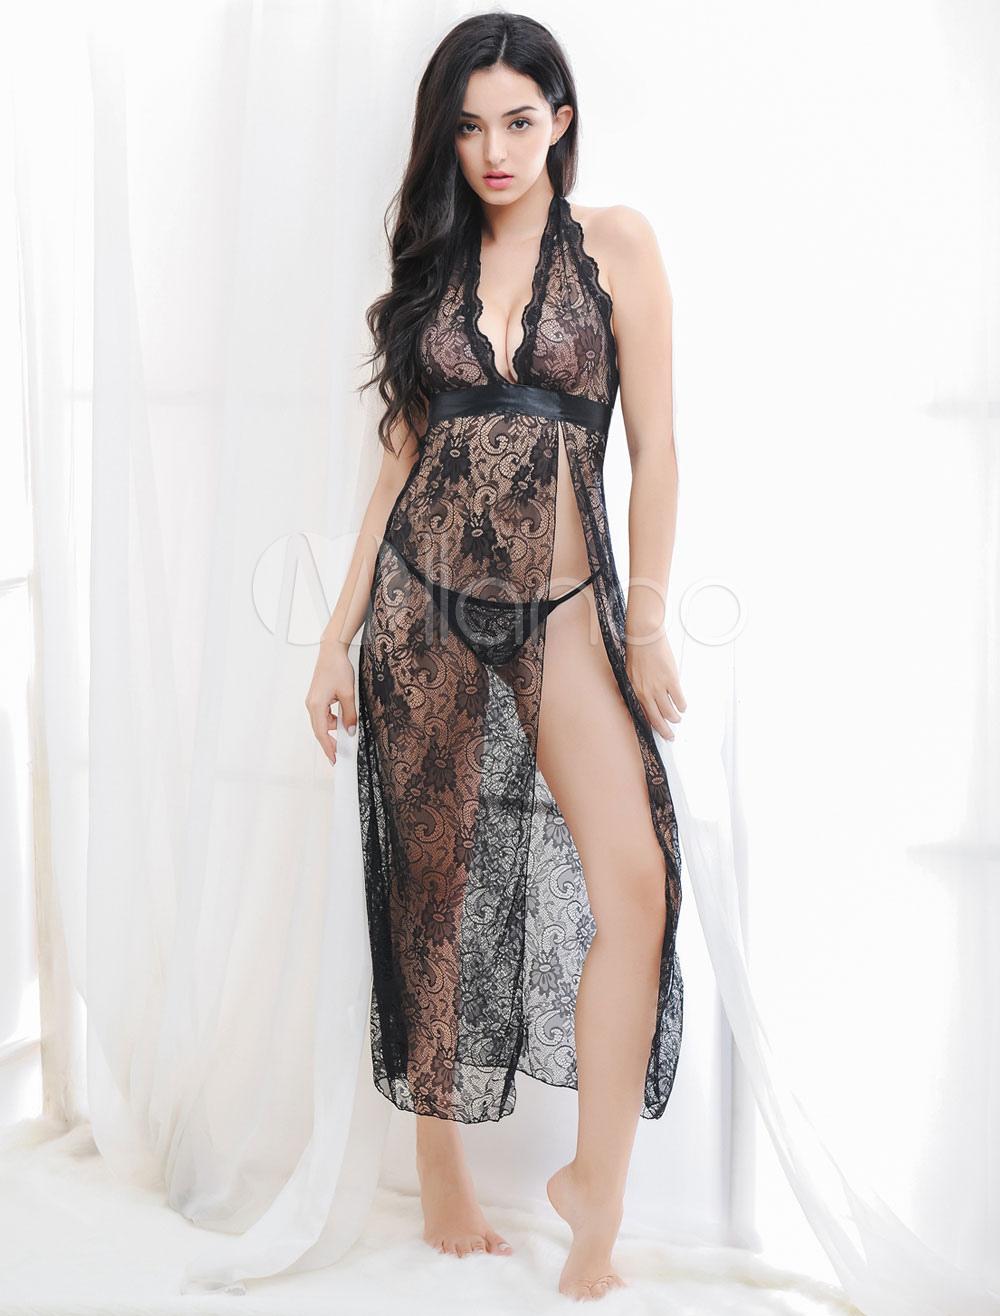 4485172758ed0 فستان نوم سبليت باللون الأسود الساحر للنساء - Milanoo.com